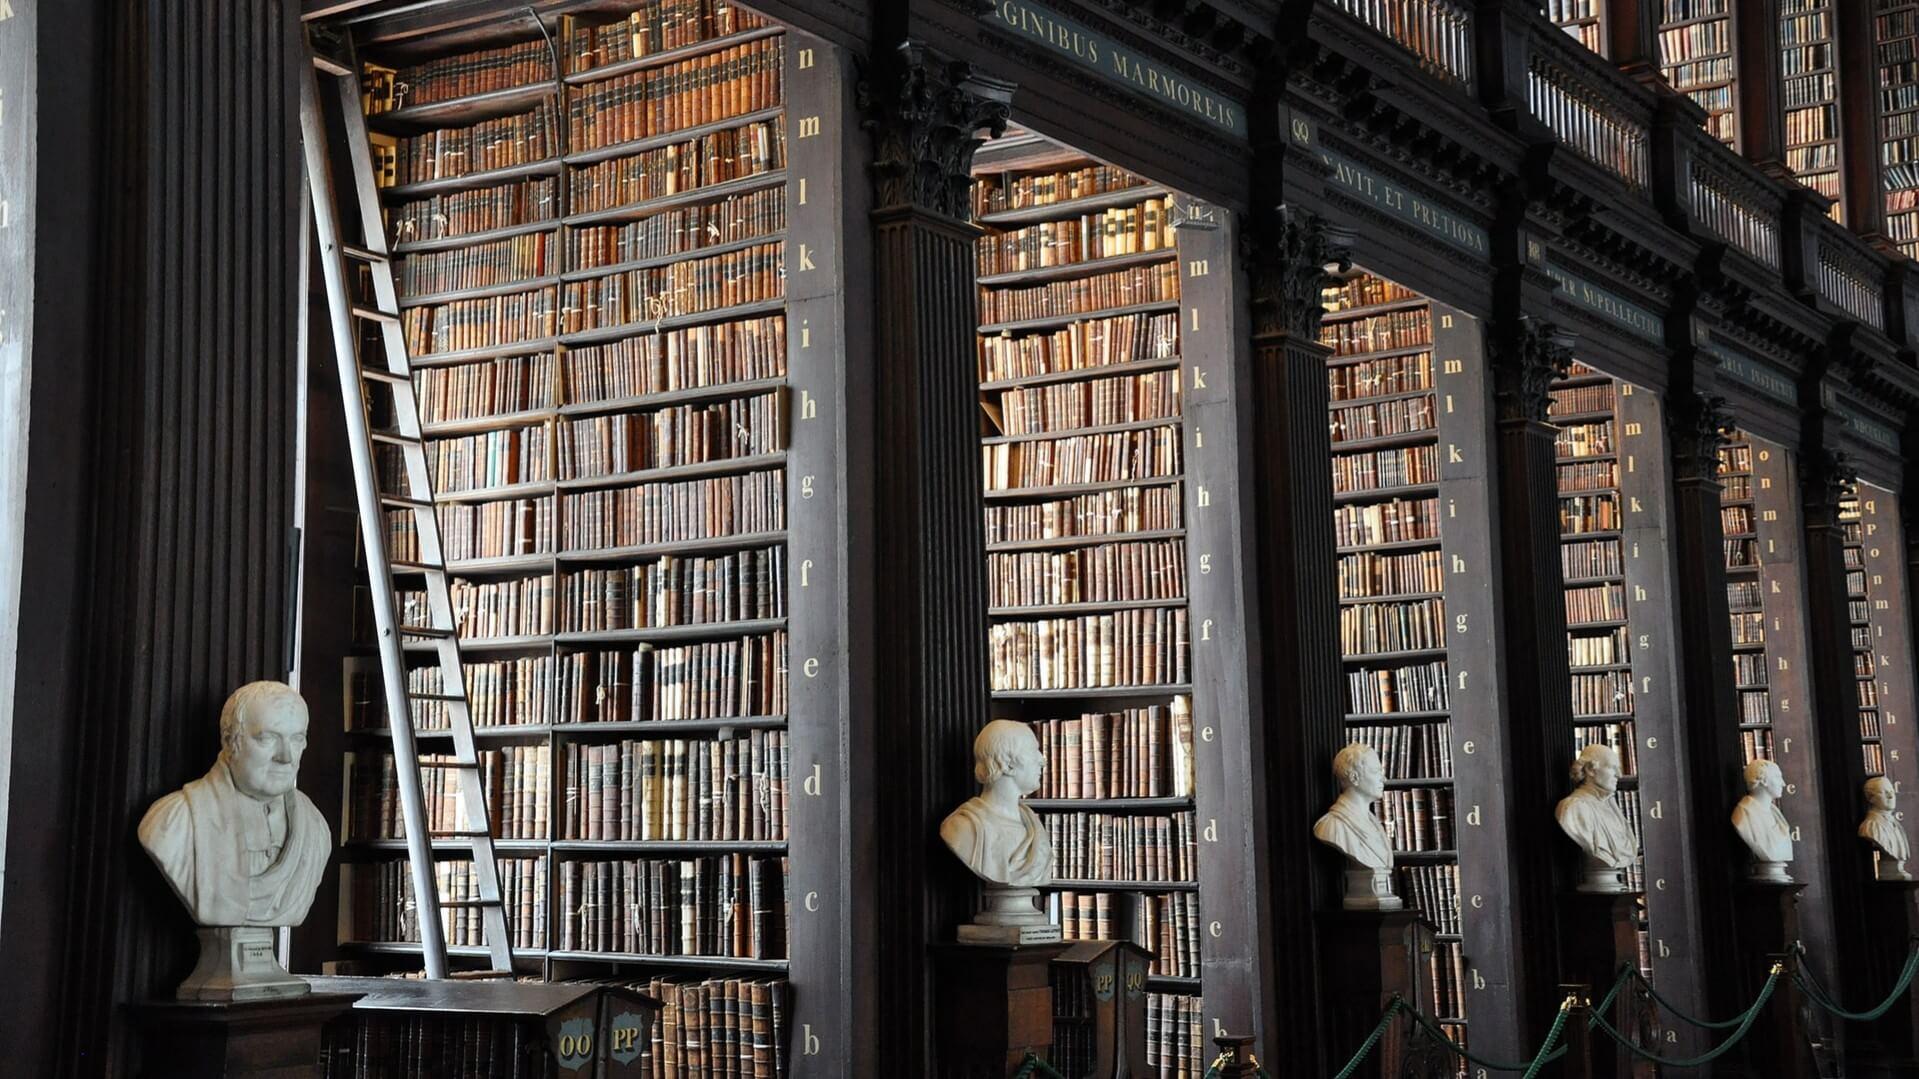 Foto da biblioteca do Trinity College em Dublin, Irlanda